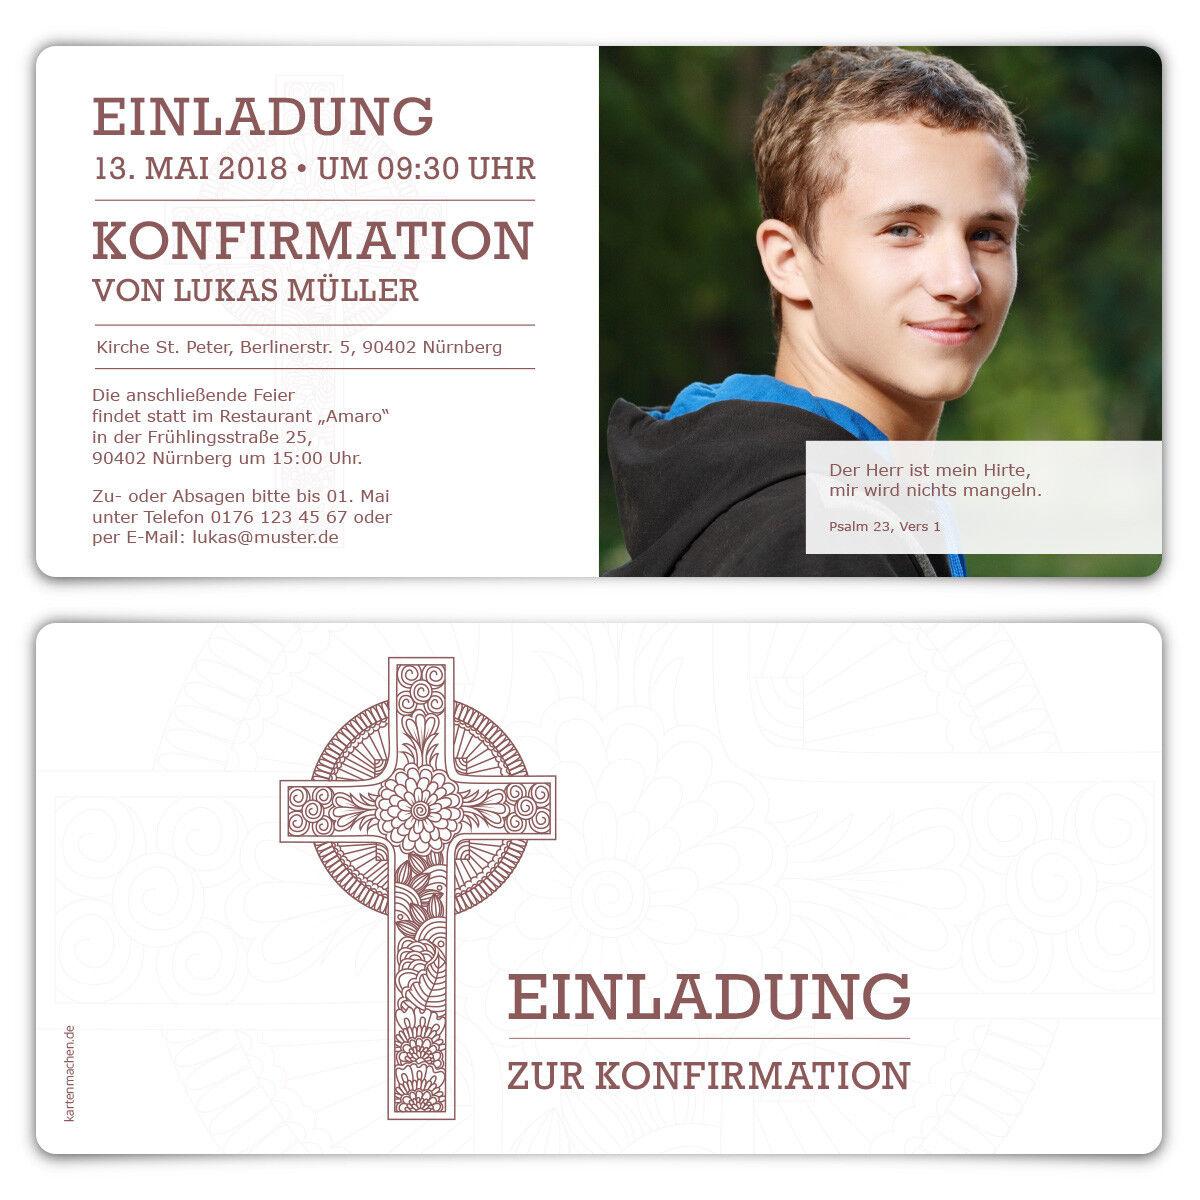 Konfirmation Einladungskarten Konfirmationskarten Konfirmationskarten Konfirmationskarten Einladungen - Keltisches Kreuz   | Erste Gruppe von Kunden  | Auktion  f6de12